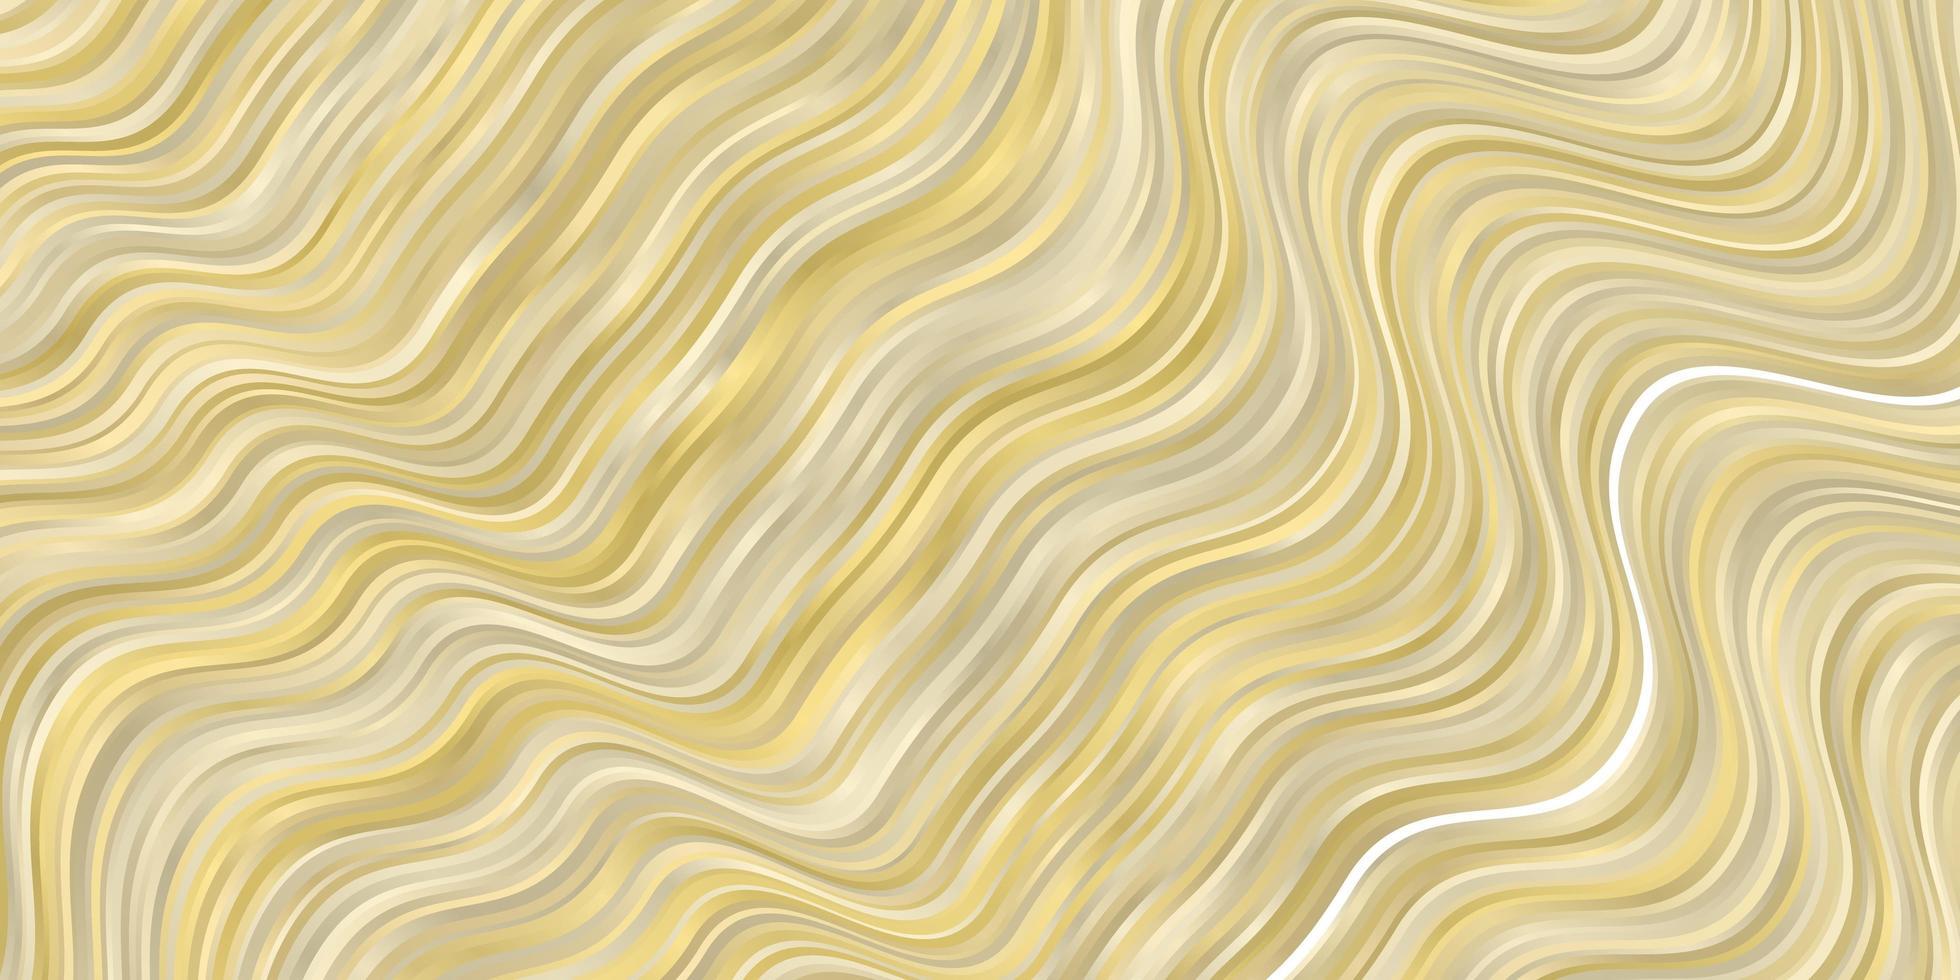 ljusgul vektorbakgrund med böjda linjer. vektor